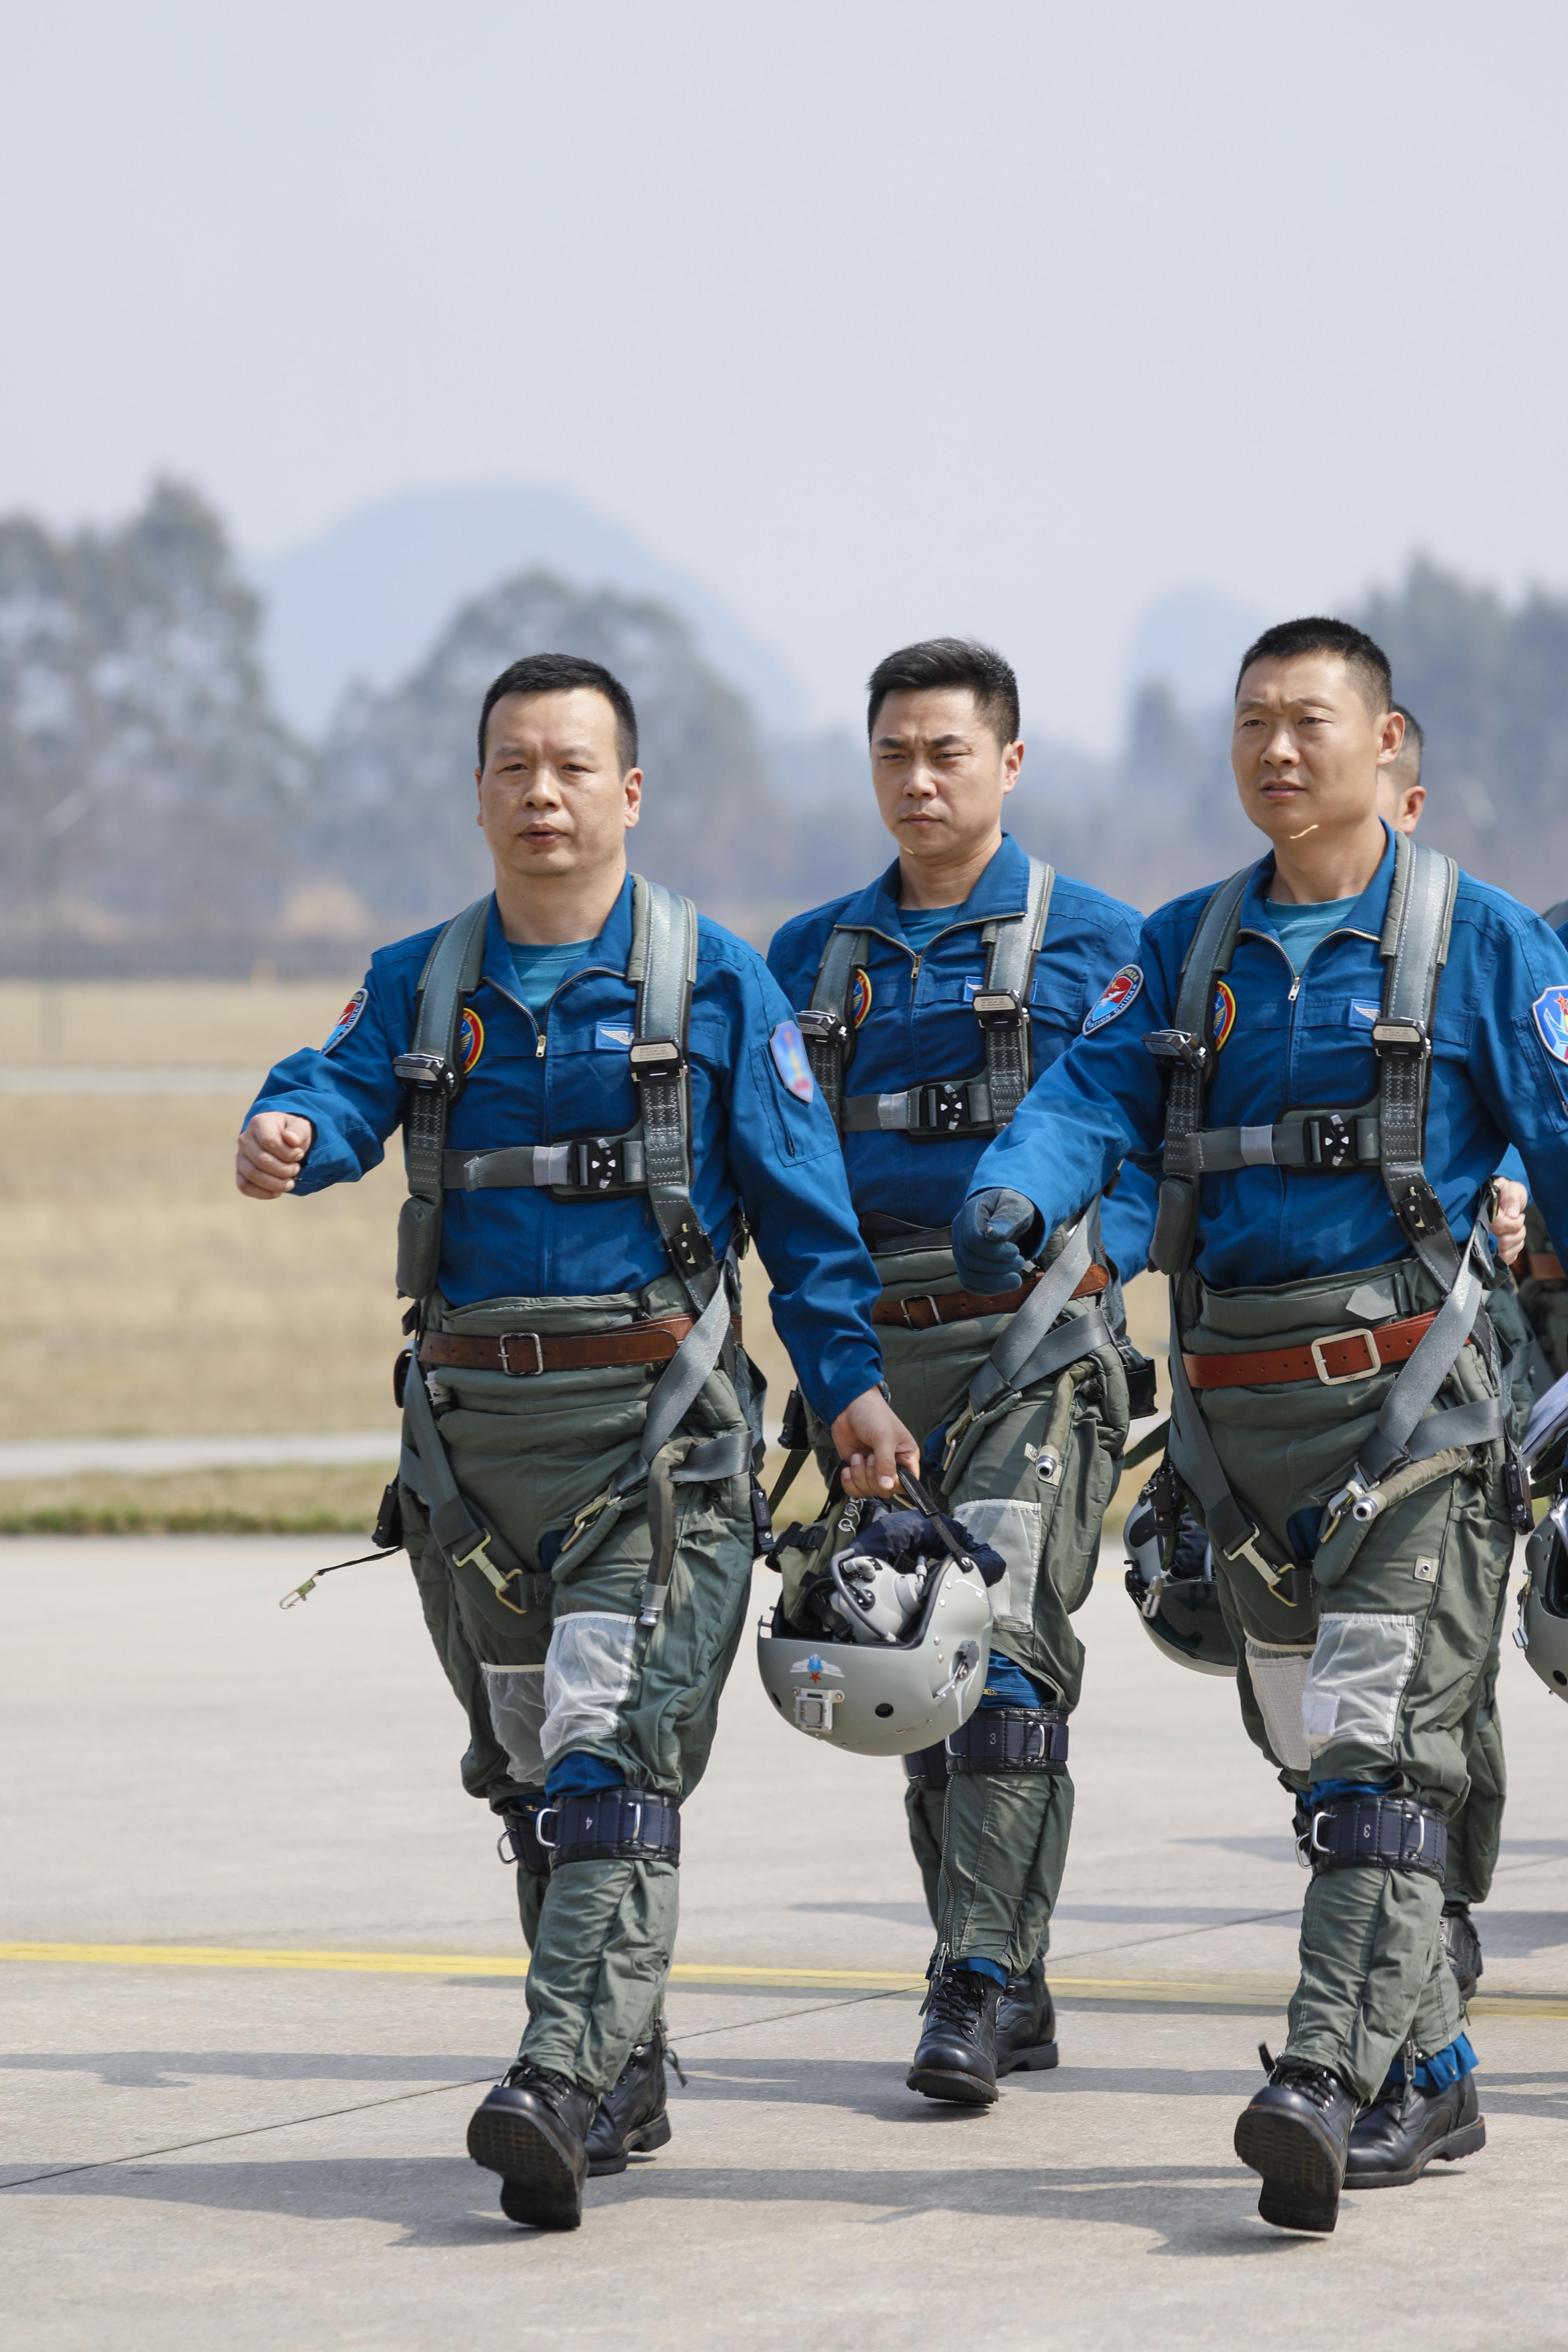 ↑2月23日,复飞重返战位的一等功空军飞行员王建东与战友列队走向战机。彭程 摄